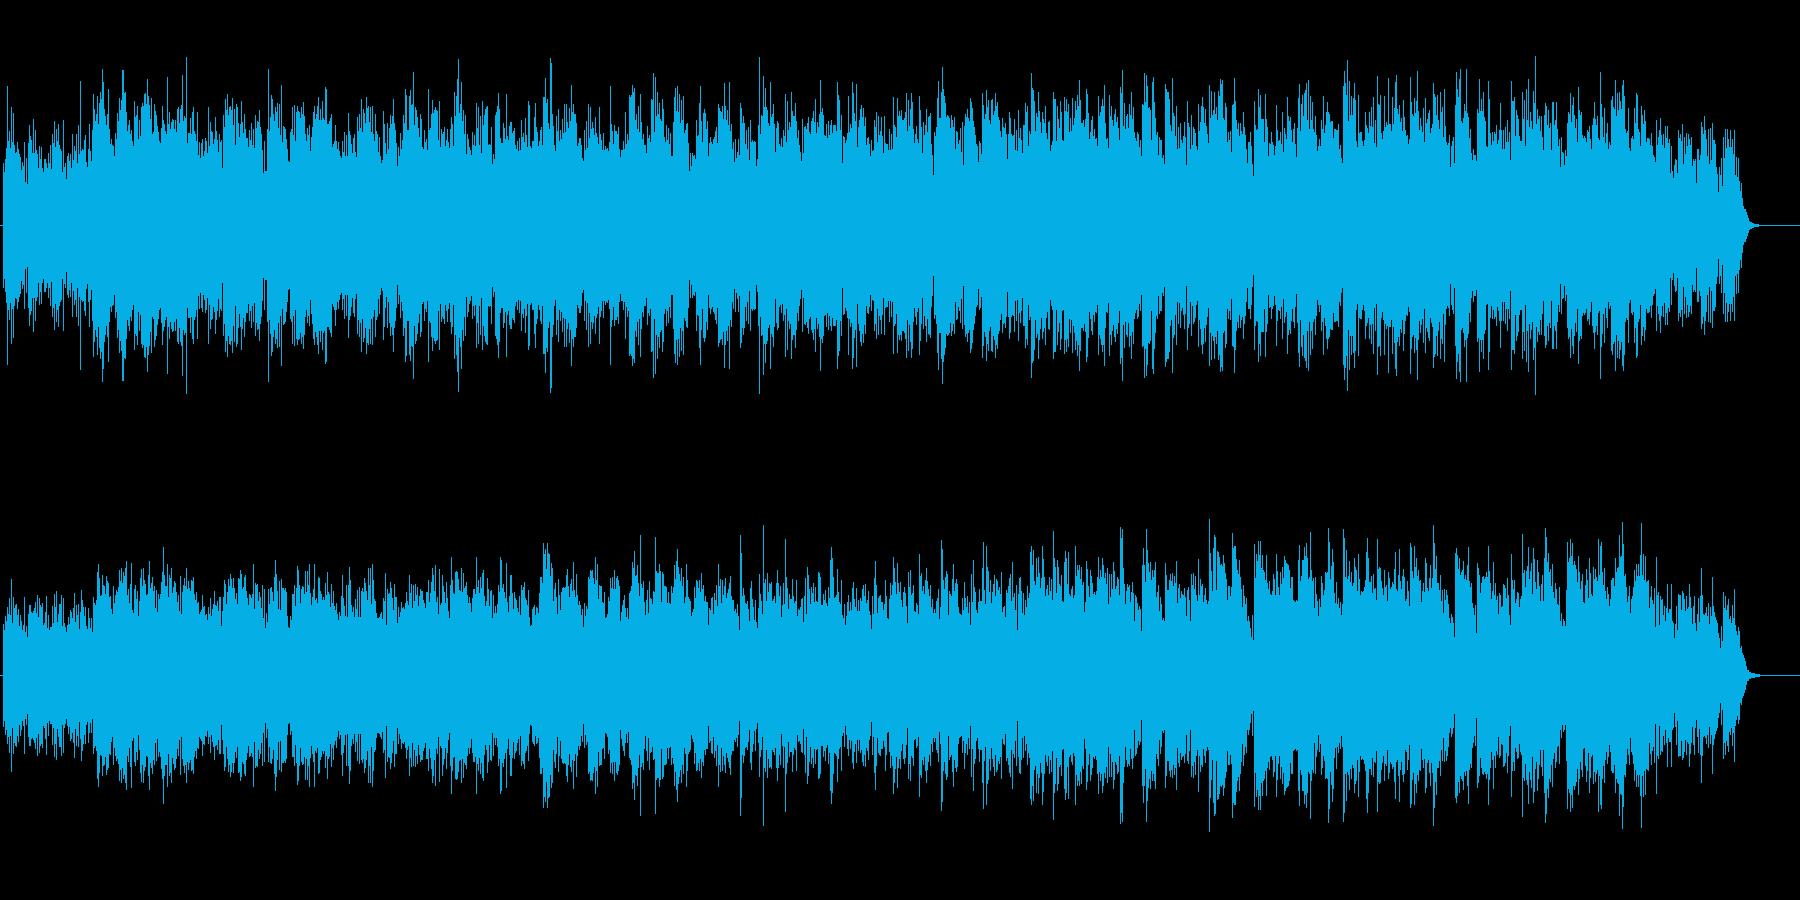 アンビエント系やすらぎのオアシスの再生済みの波形